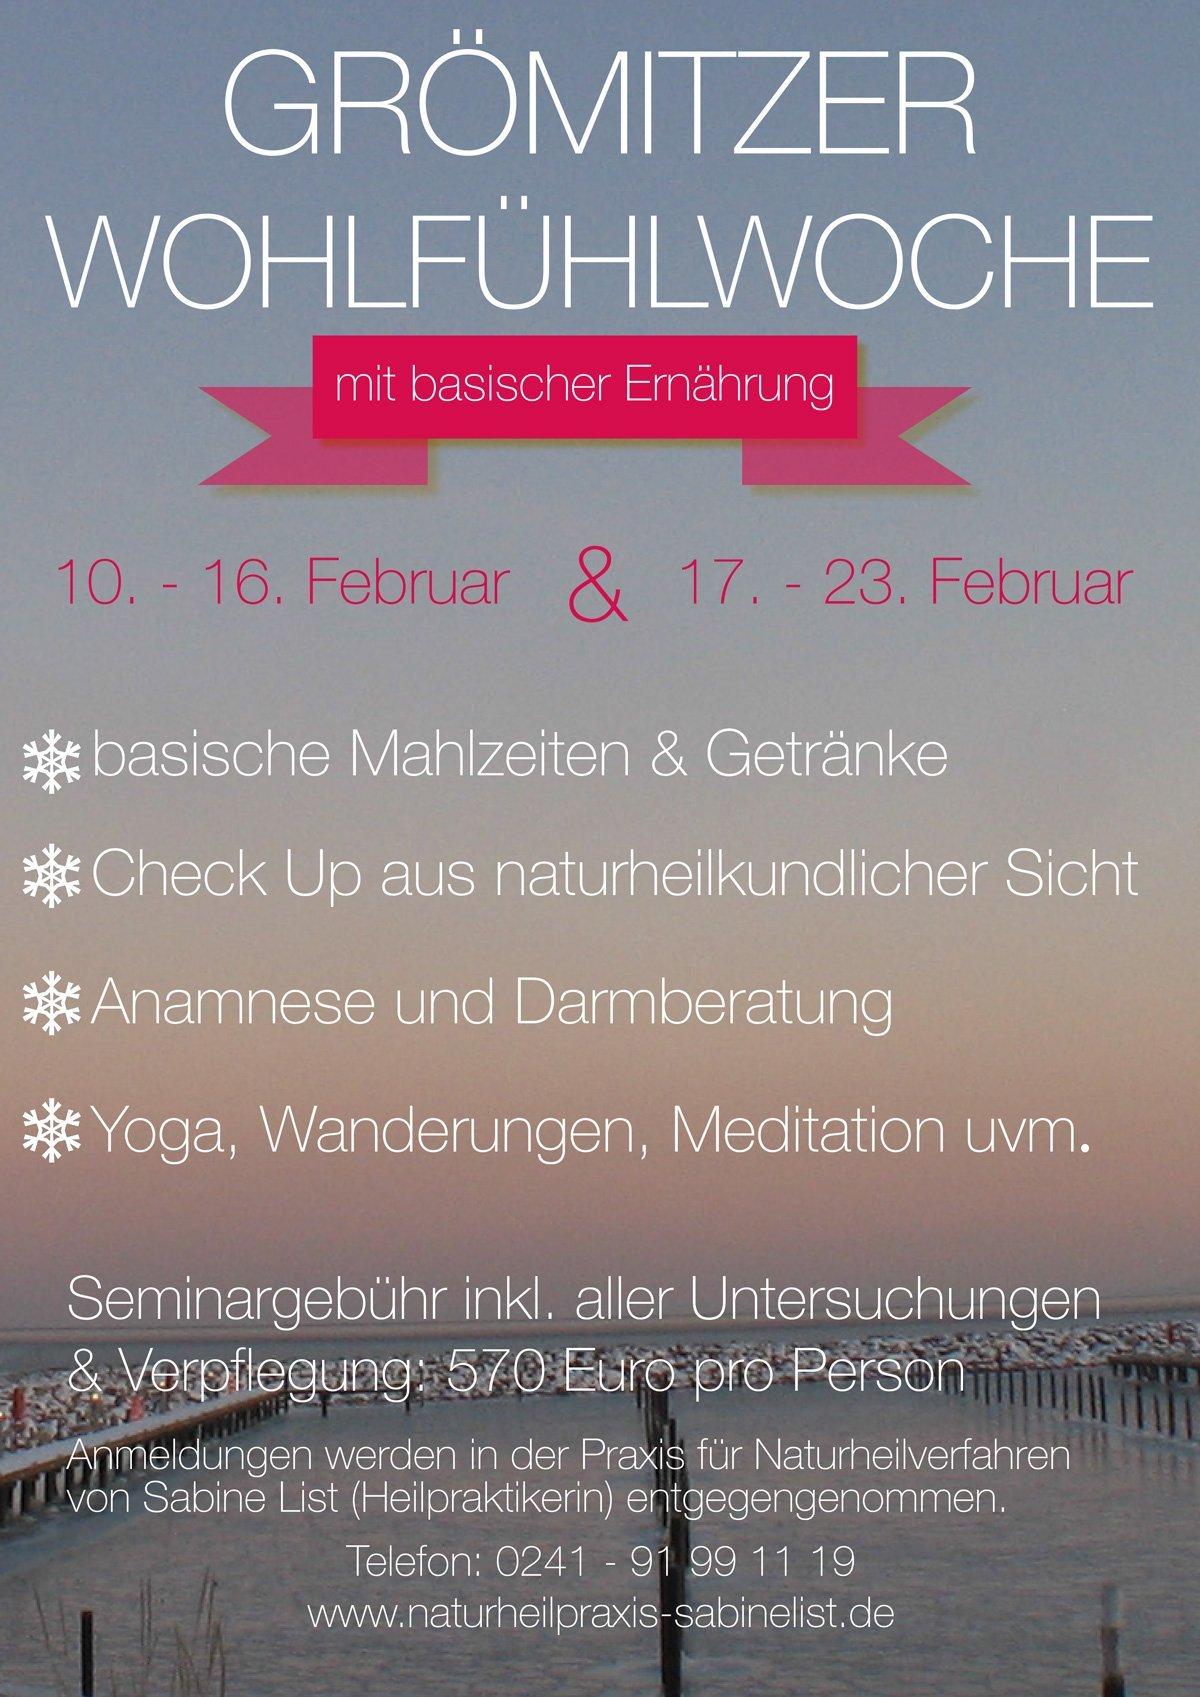 GRÖMITZER WOHLFÜHLWOCHE › Naturheilpraxis Aachen - Sabine List